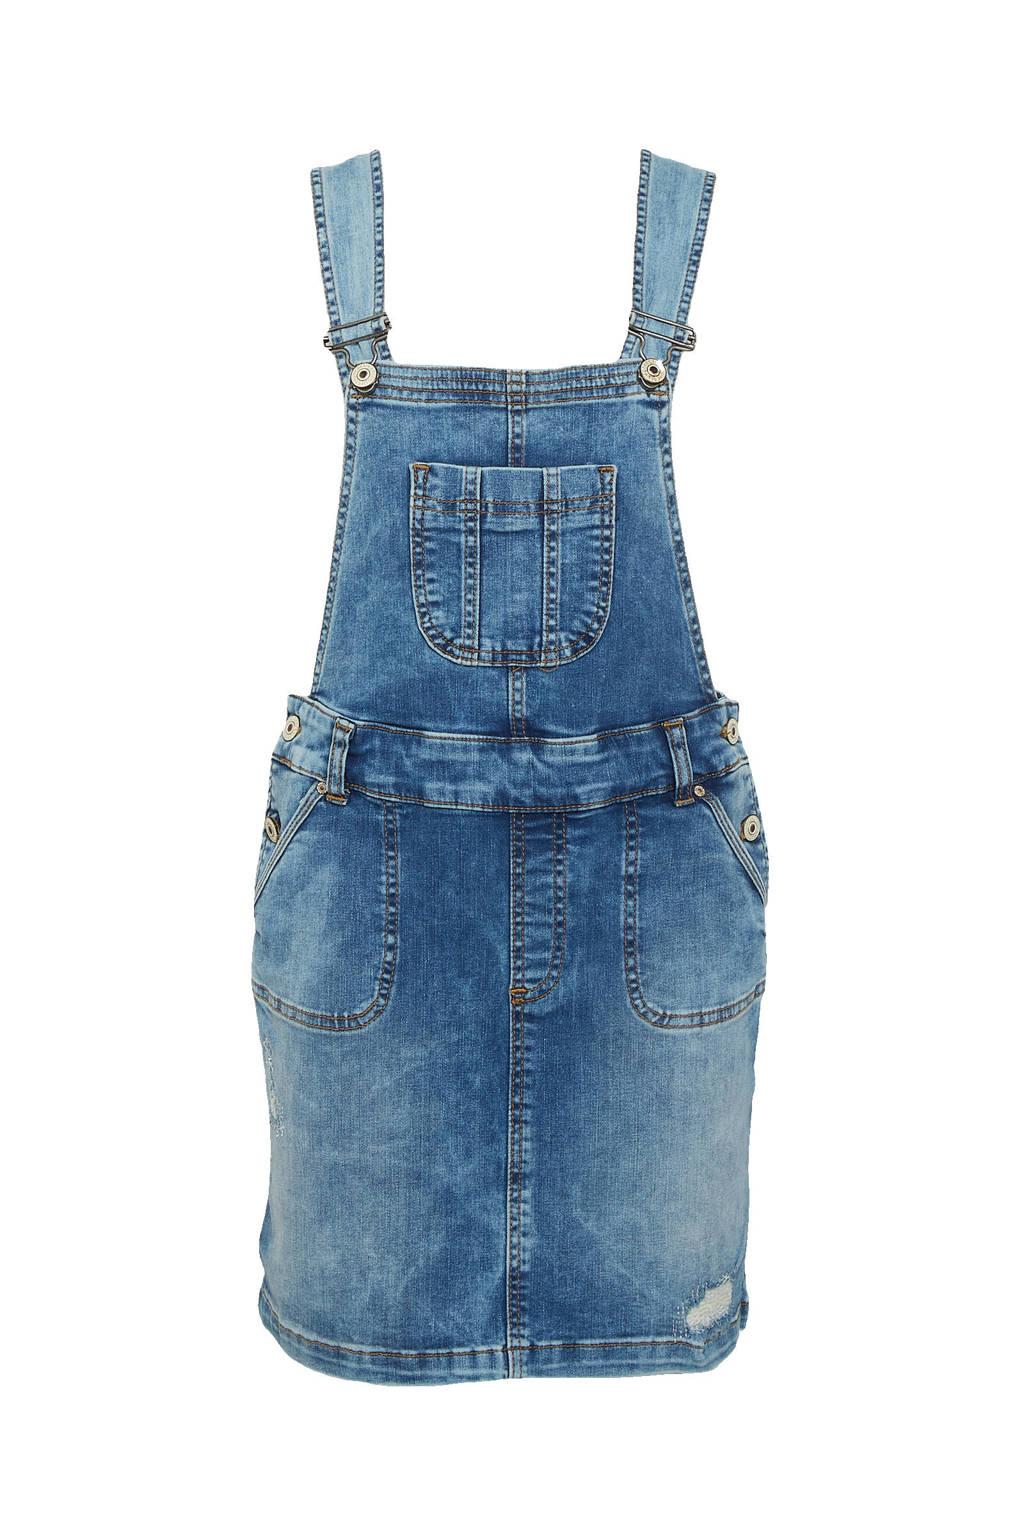 LTB salopette denim jurk Judith Elie wash